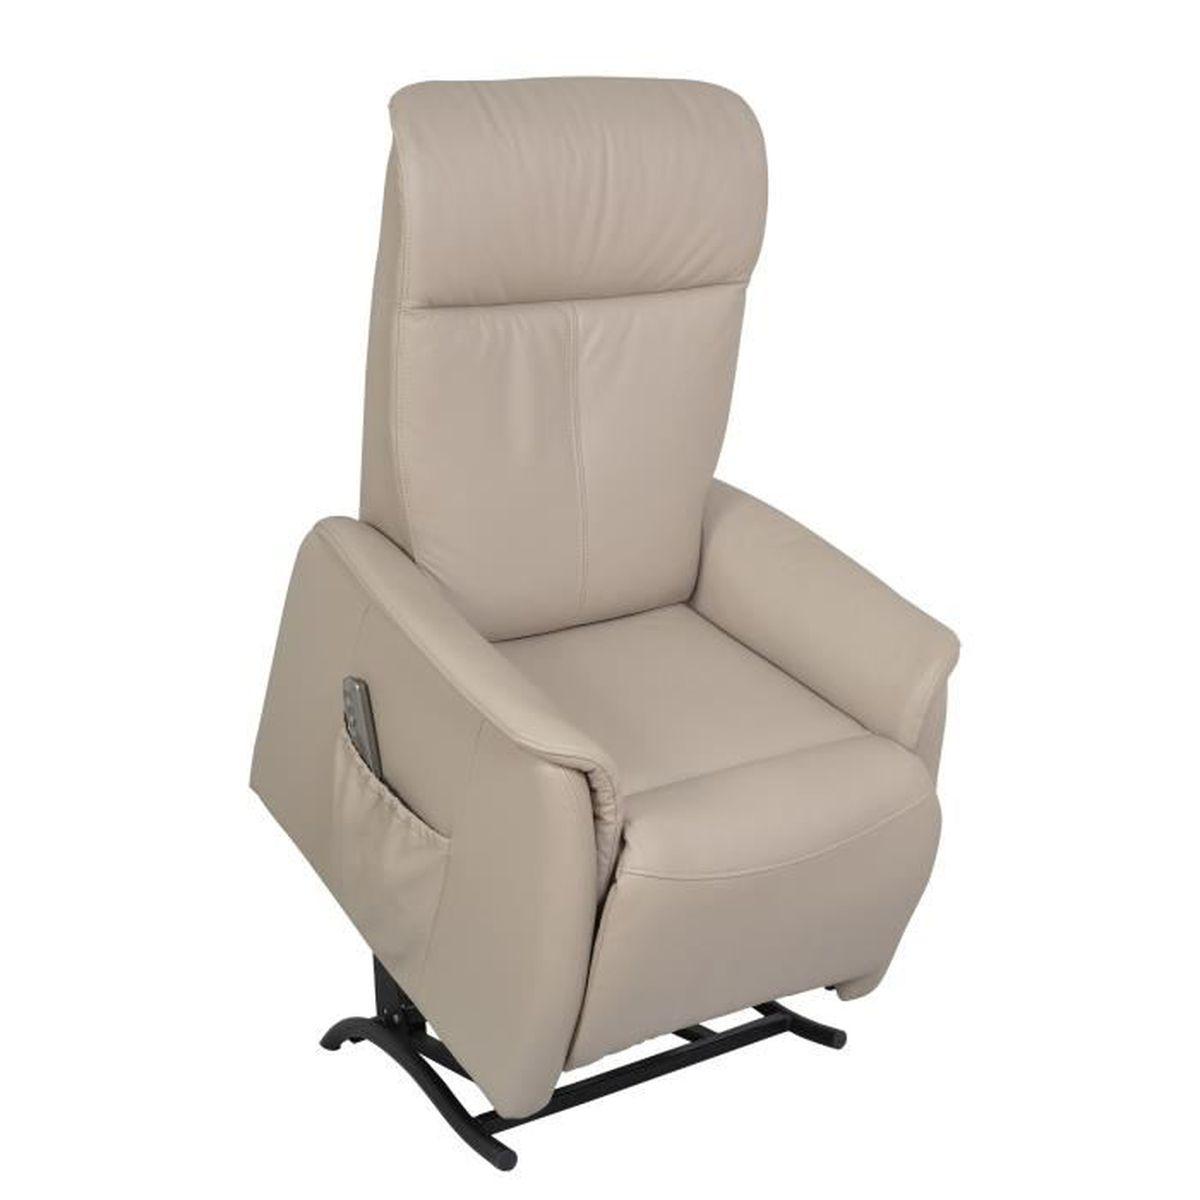 Fauteuil relax en cuir 1 moteur avec fonction releveur garma achat vente - Fauteuil relax discount ...